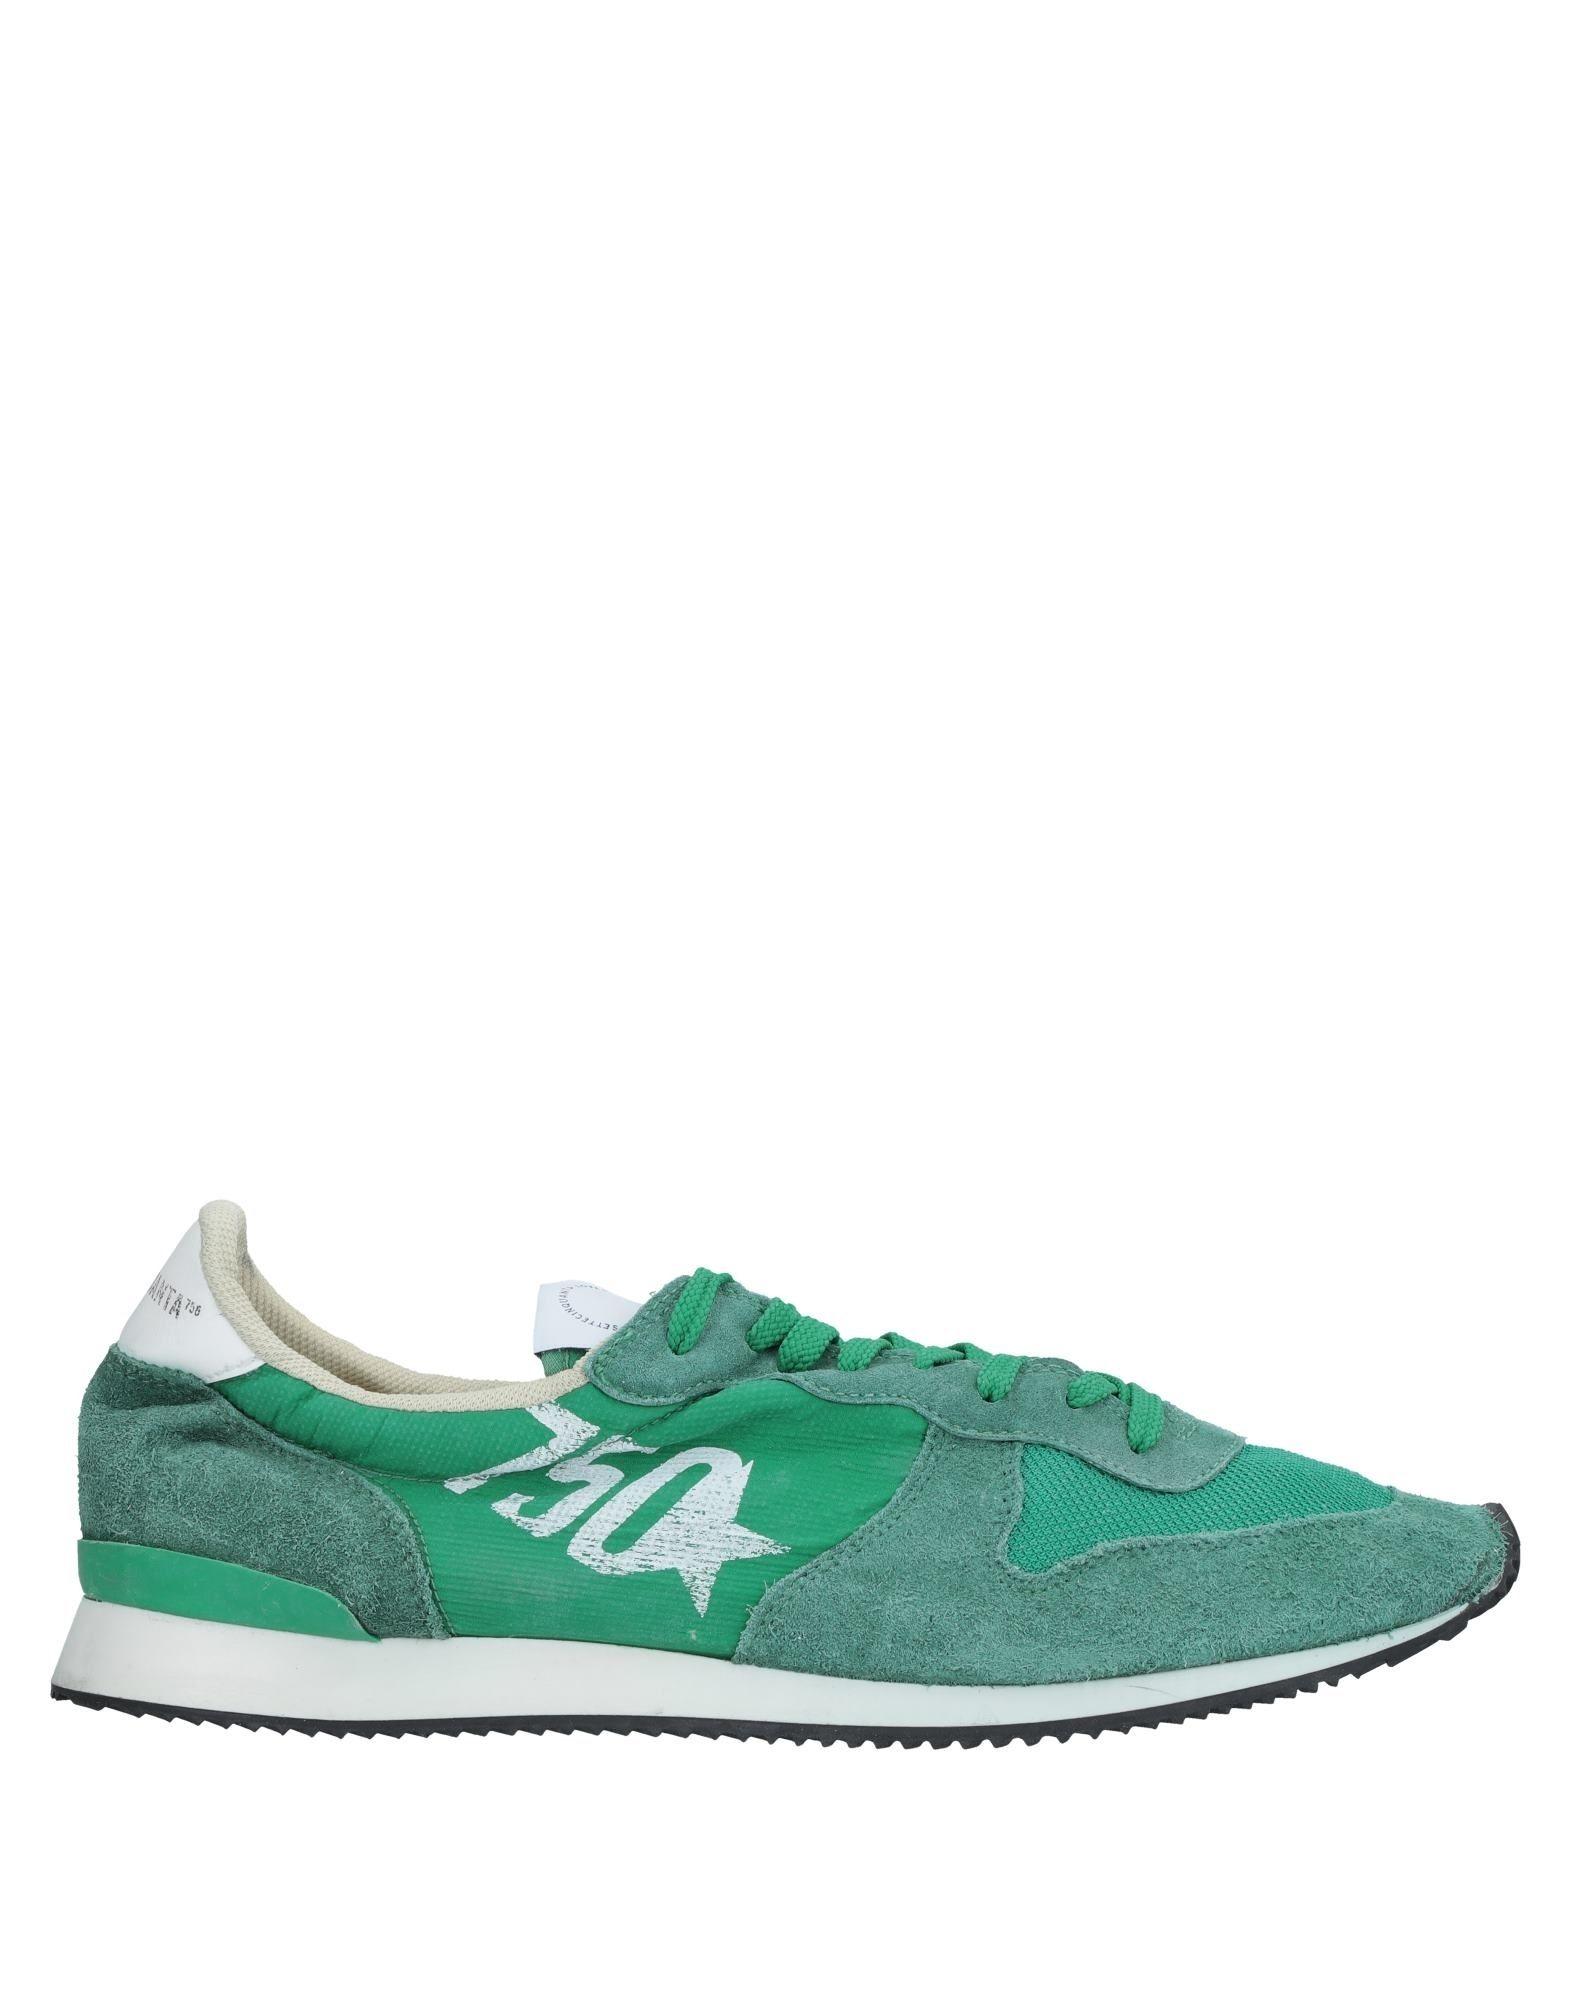 Golden Goose Deluxe Brand Sneakers - Men Golden Goose Deluxe  Brand Sneakers online on  Deluxe United Kingdom - 11536813AA 3987e5